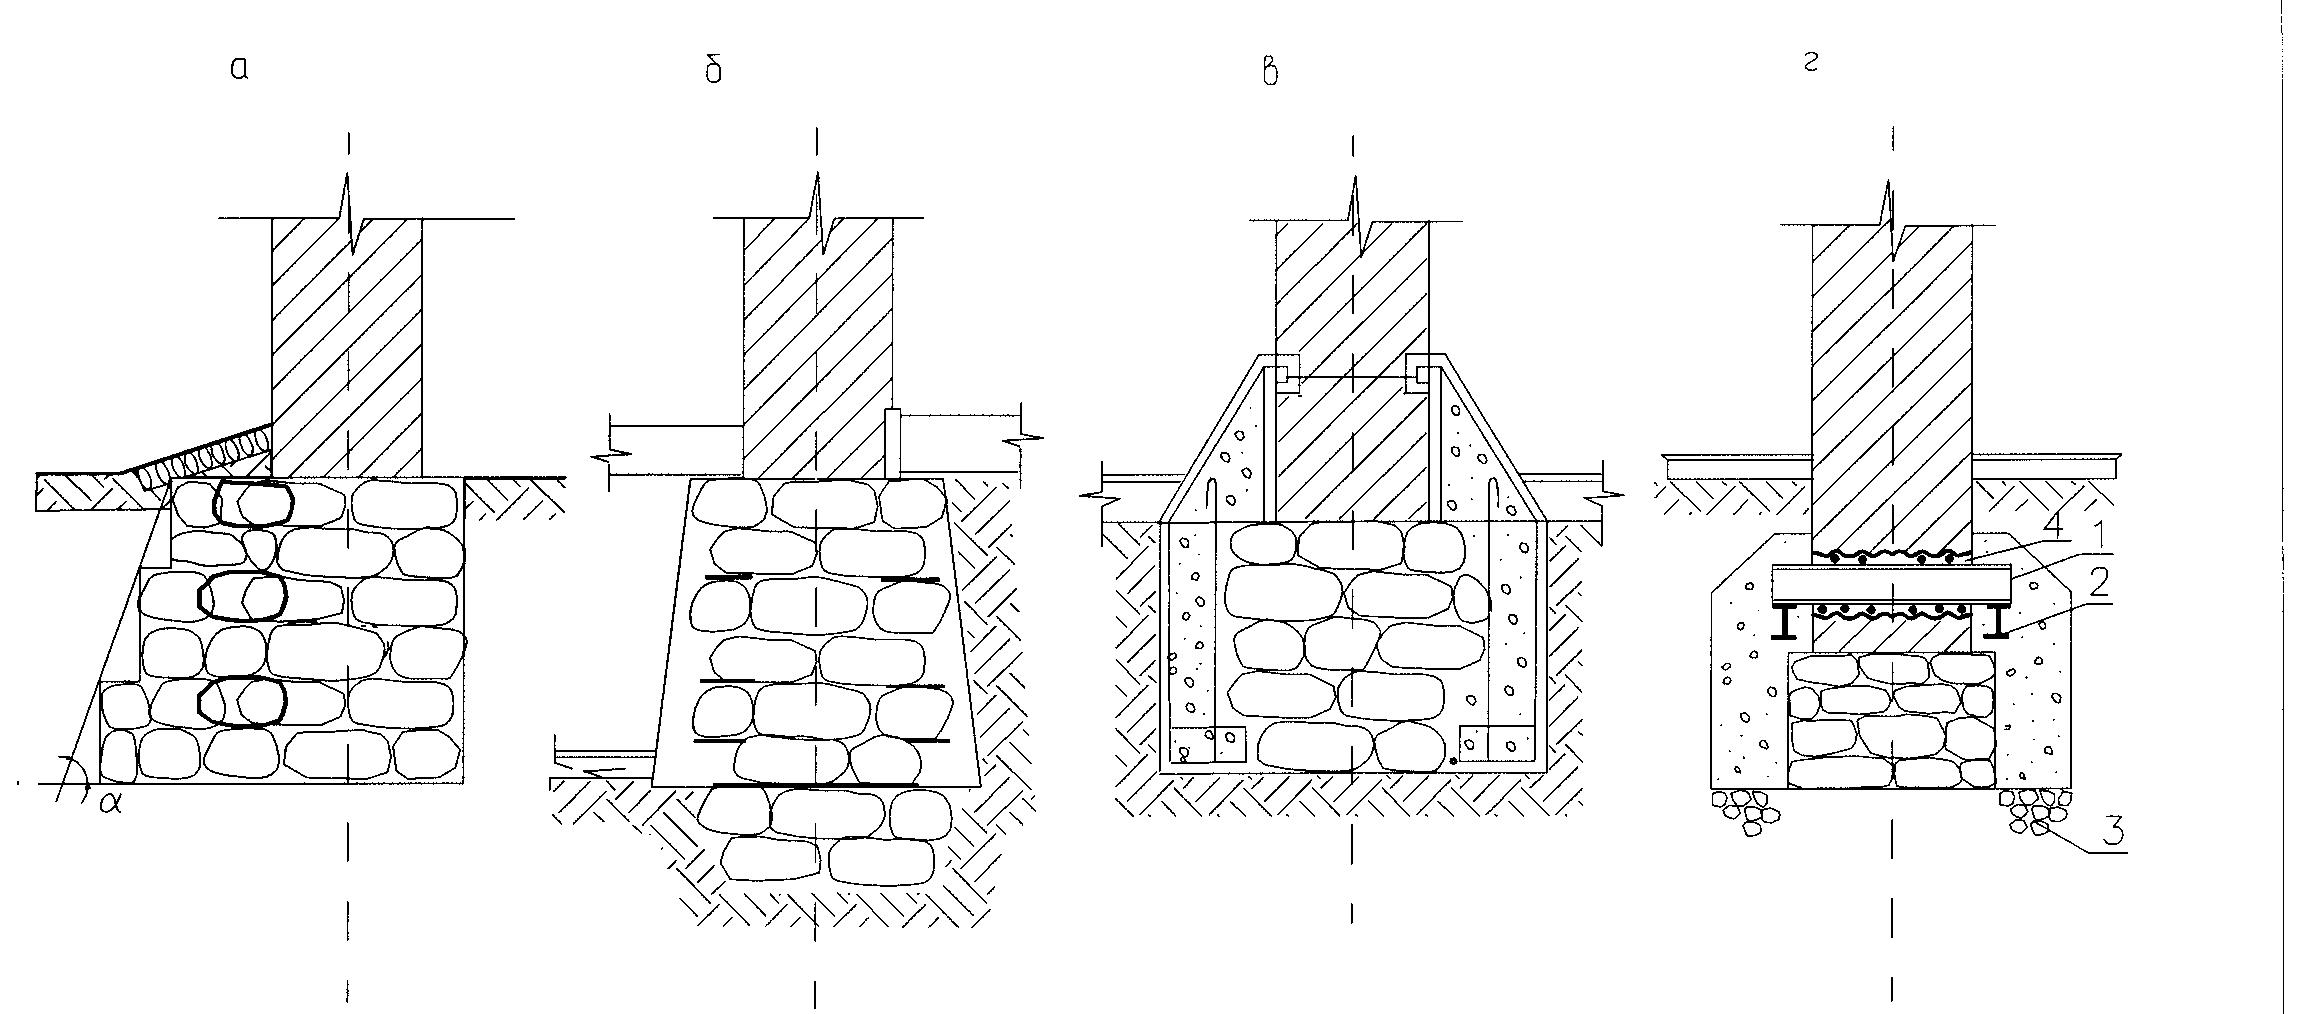 Усиление ленточного фундамента: бетонной рубашкой, железобетонной обоймой, сваями, использованием отливов, торкретбетоном